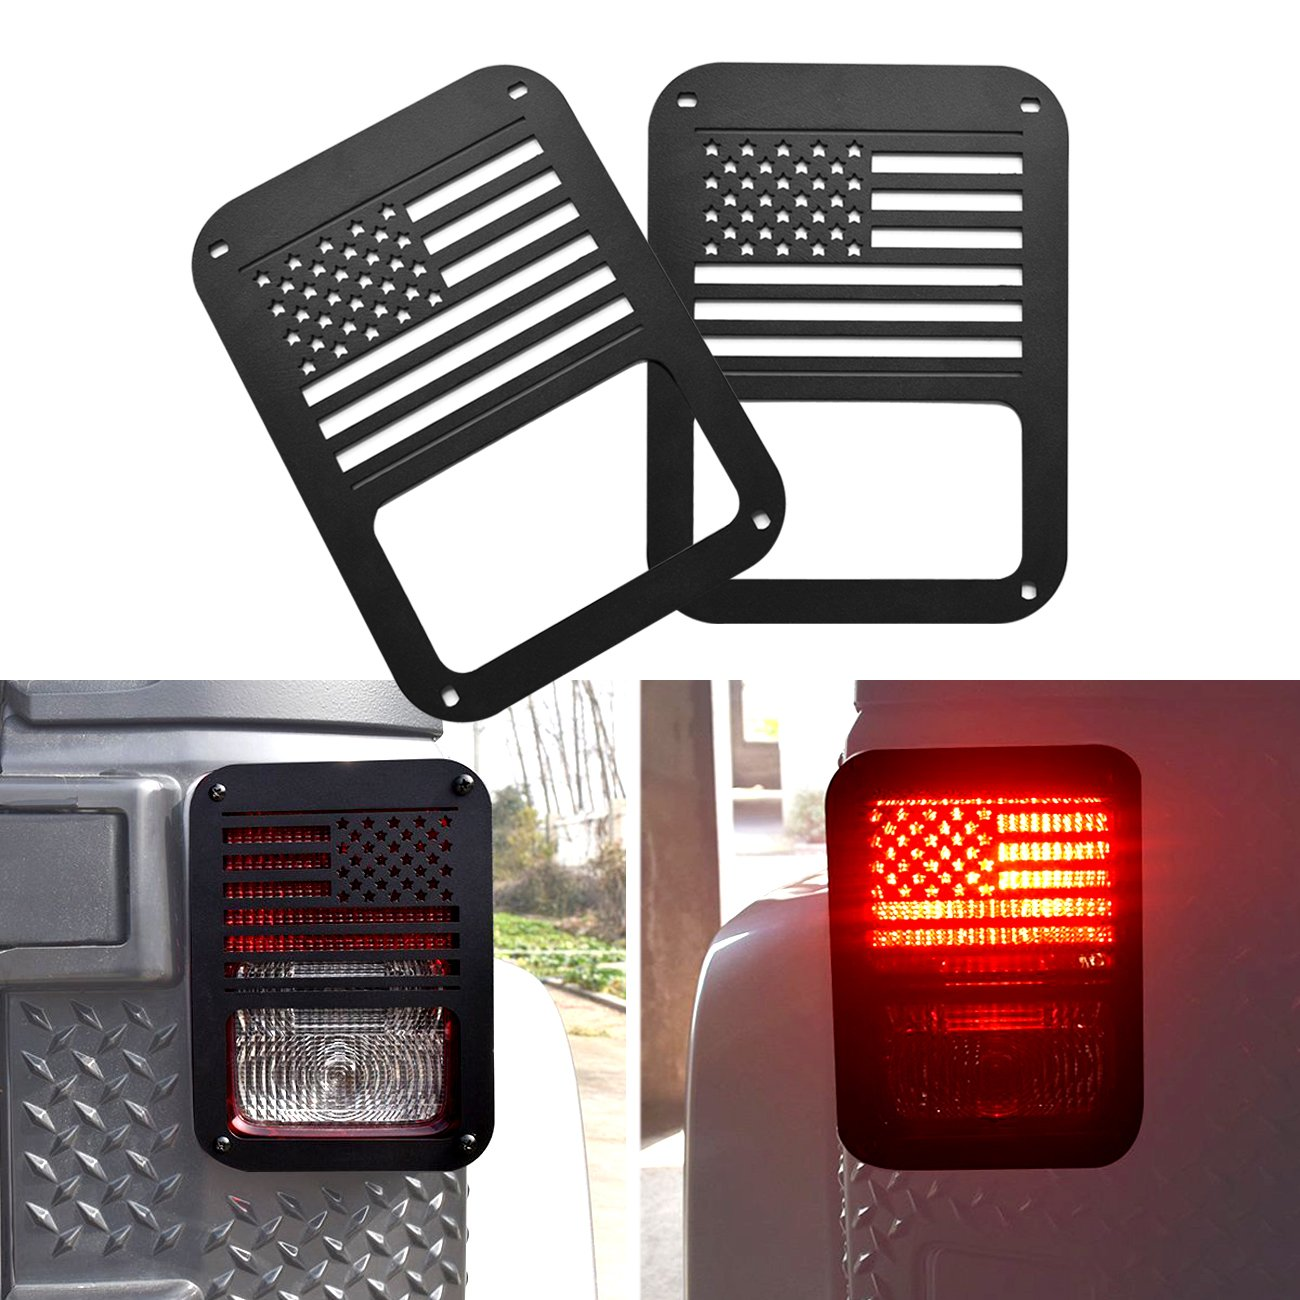 DIYTuning Tail Light Guards for 07-17 Jeep Wrangler JK USA Flag DIYMaker